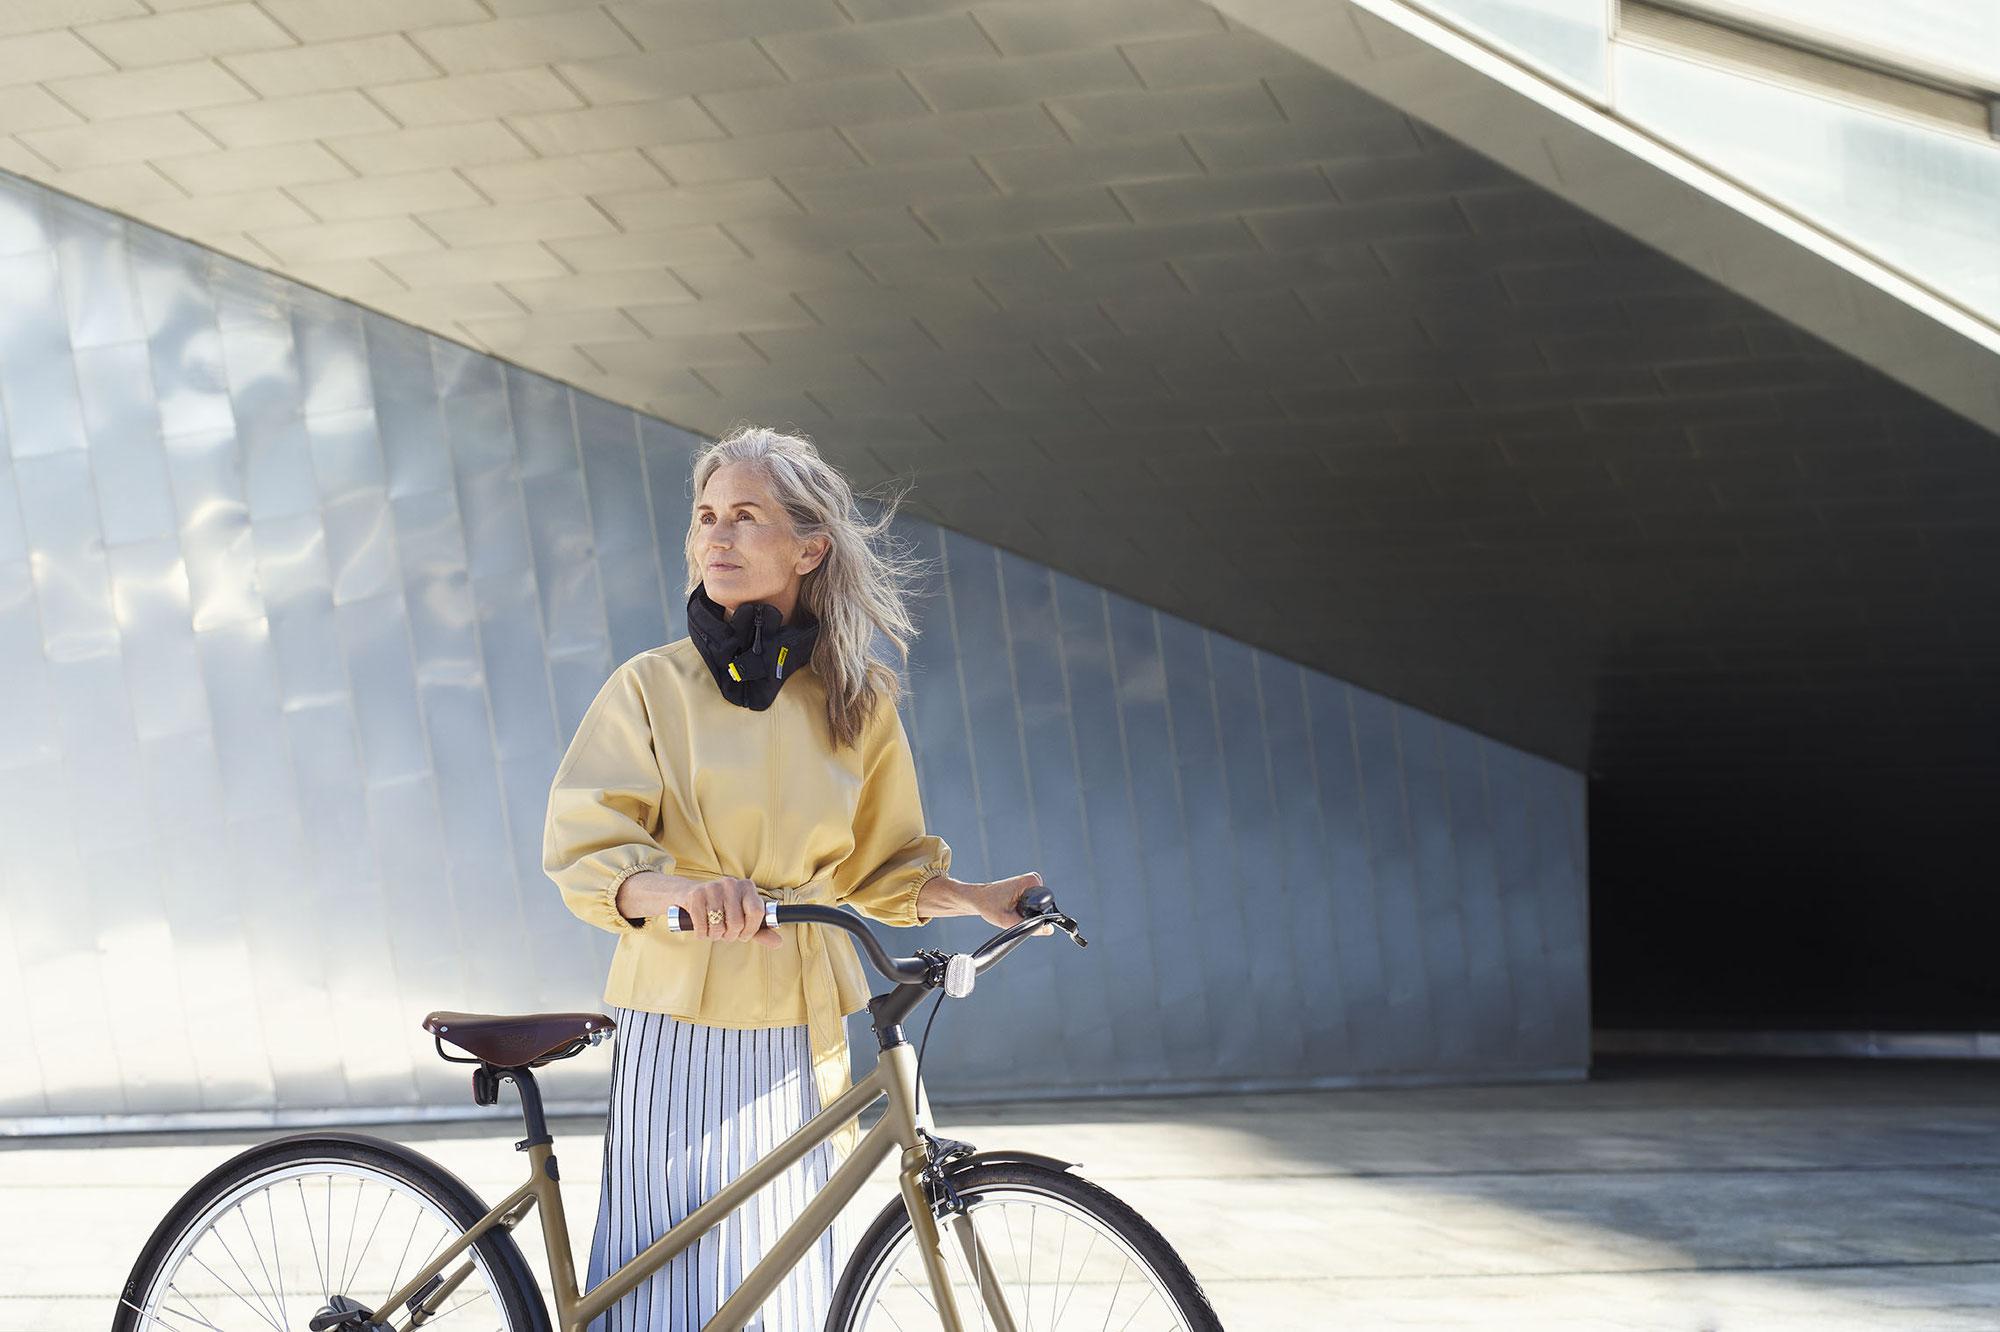 Pandemie pusht die Fahrradmobilität